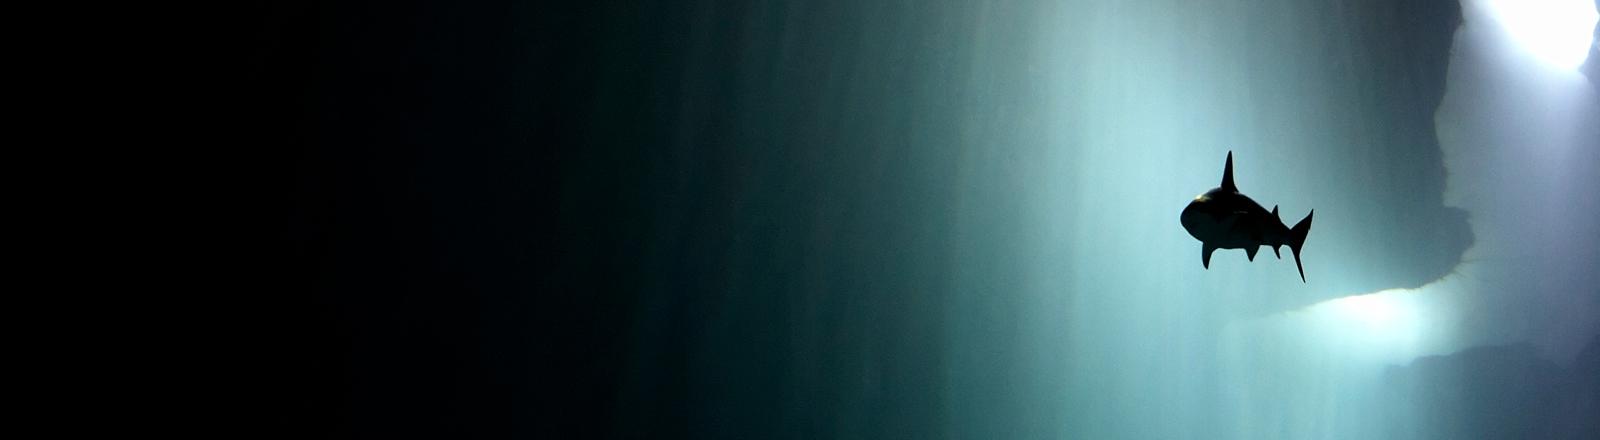 Ein Hai schwimmt im  Ozean.